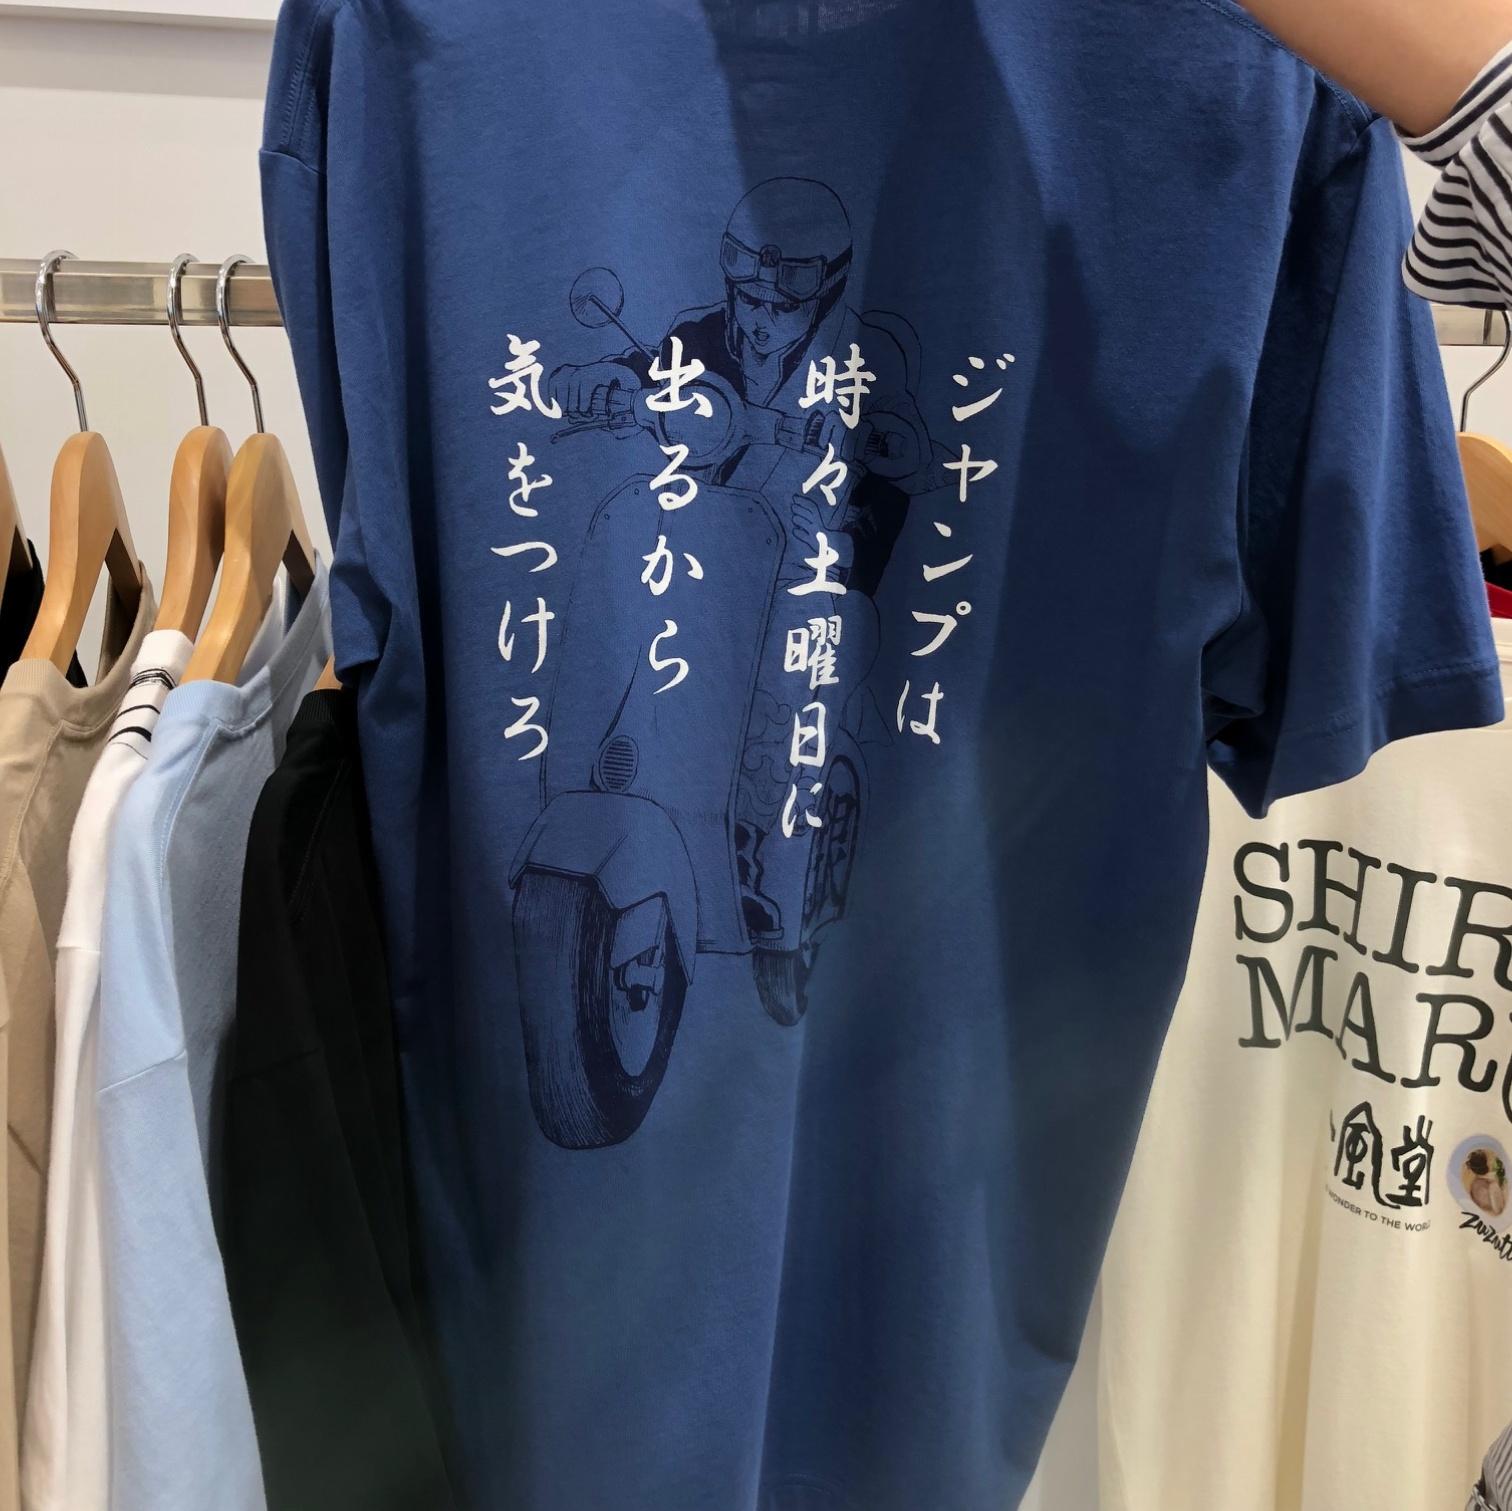 【展示会レポ】お仕事服からTシャツ、水着まで……2018年も『ユニクロ』にお世話になりそうです!!!_3_4